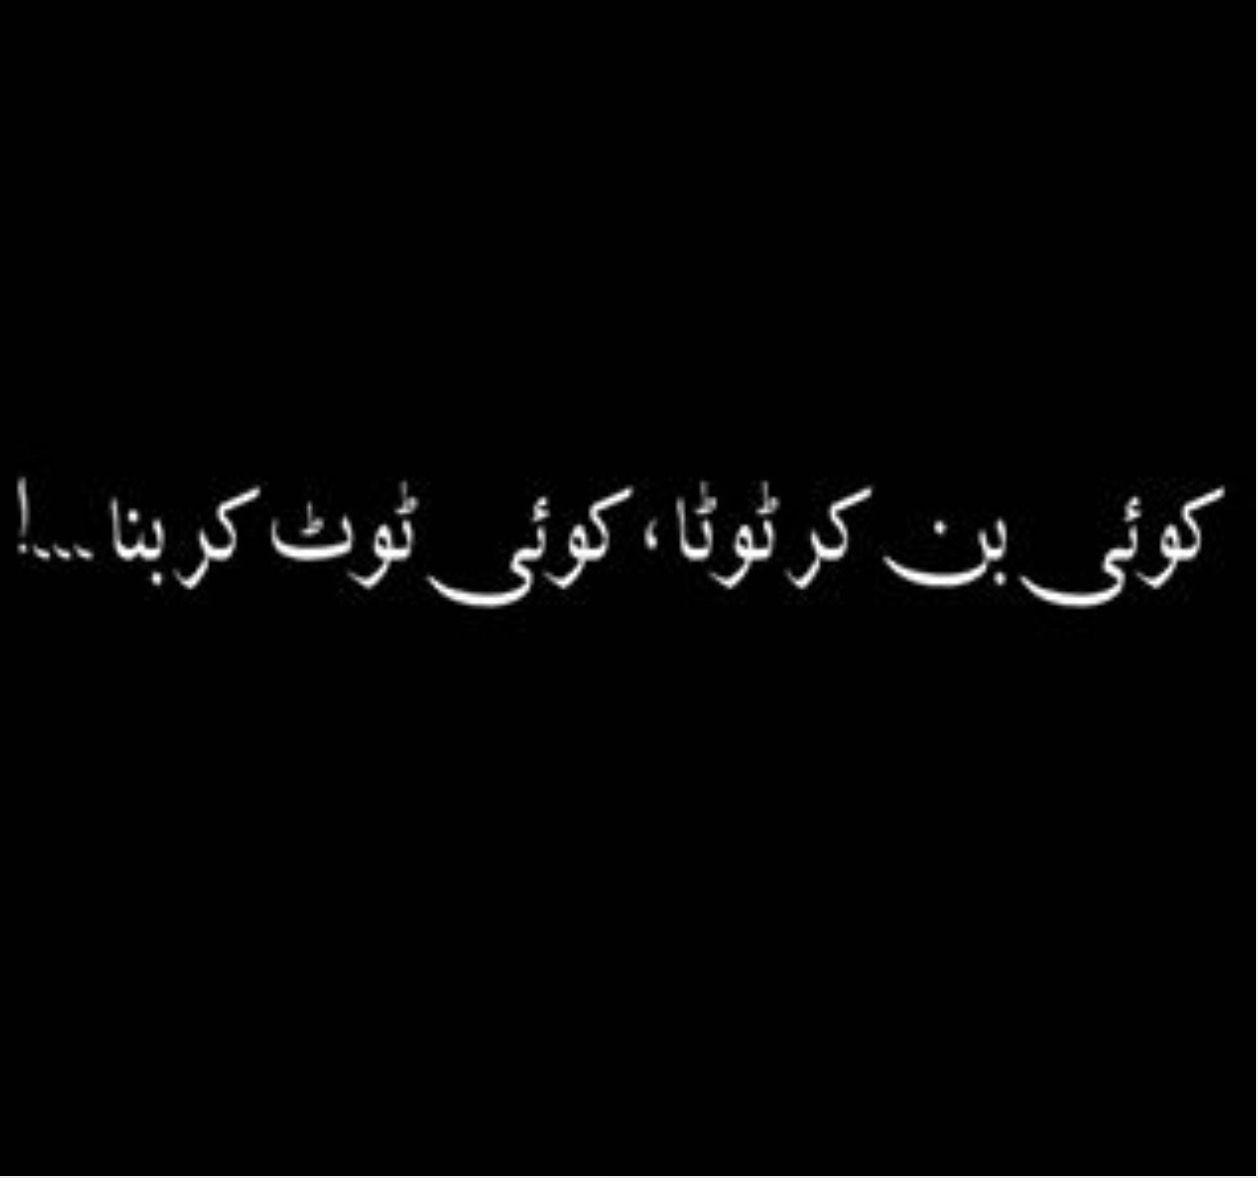 Pin by Sara Ch on Urdu (With images) | Urdu words, Urdu ...